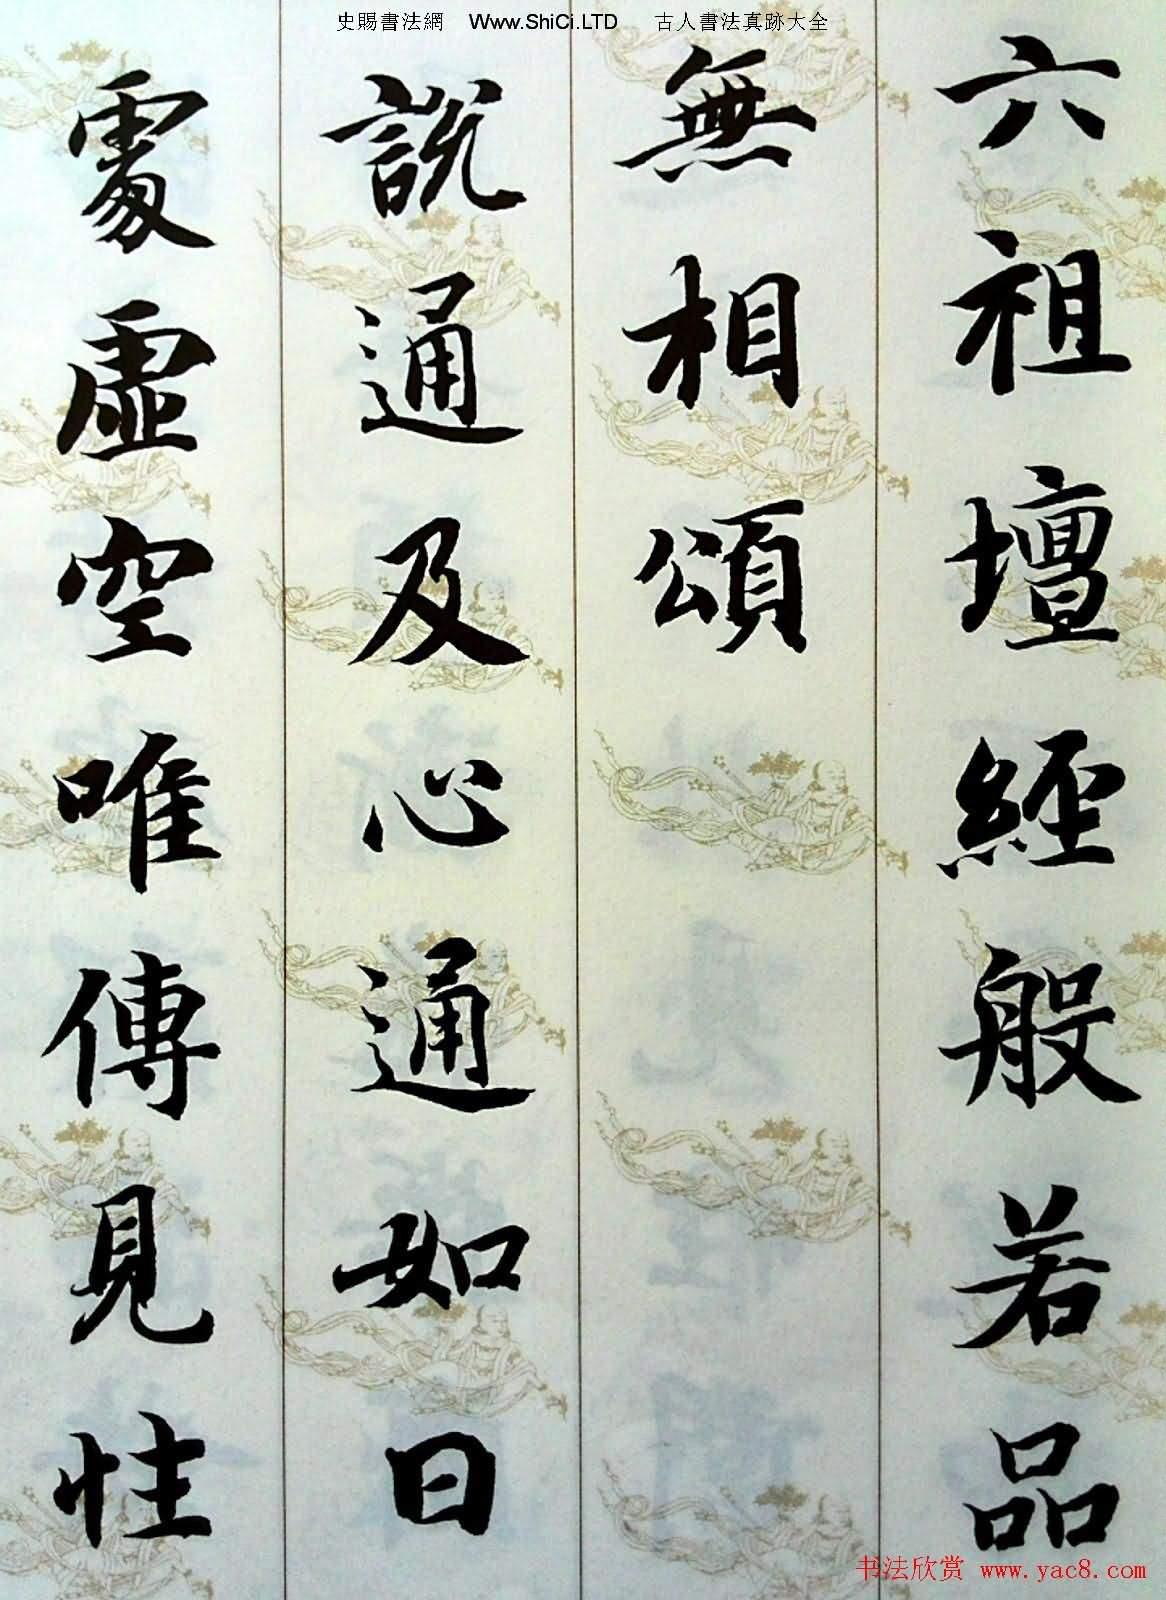 智永楷書集字《六祖壇經般若品無相頌》(共15張圖片)